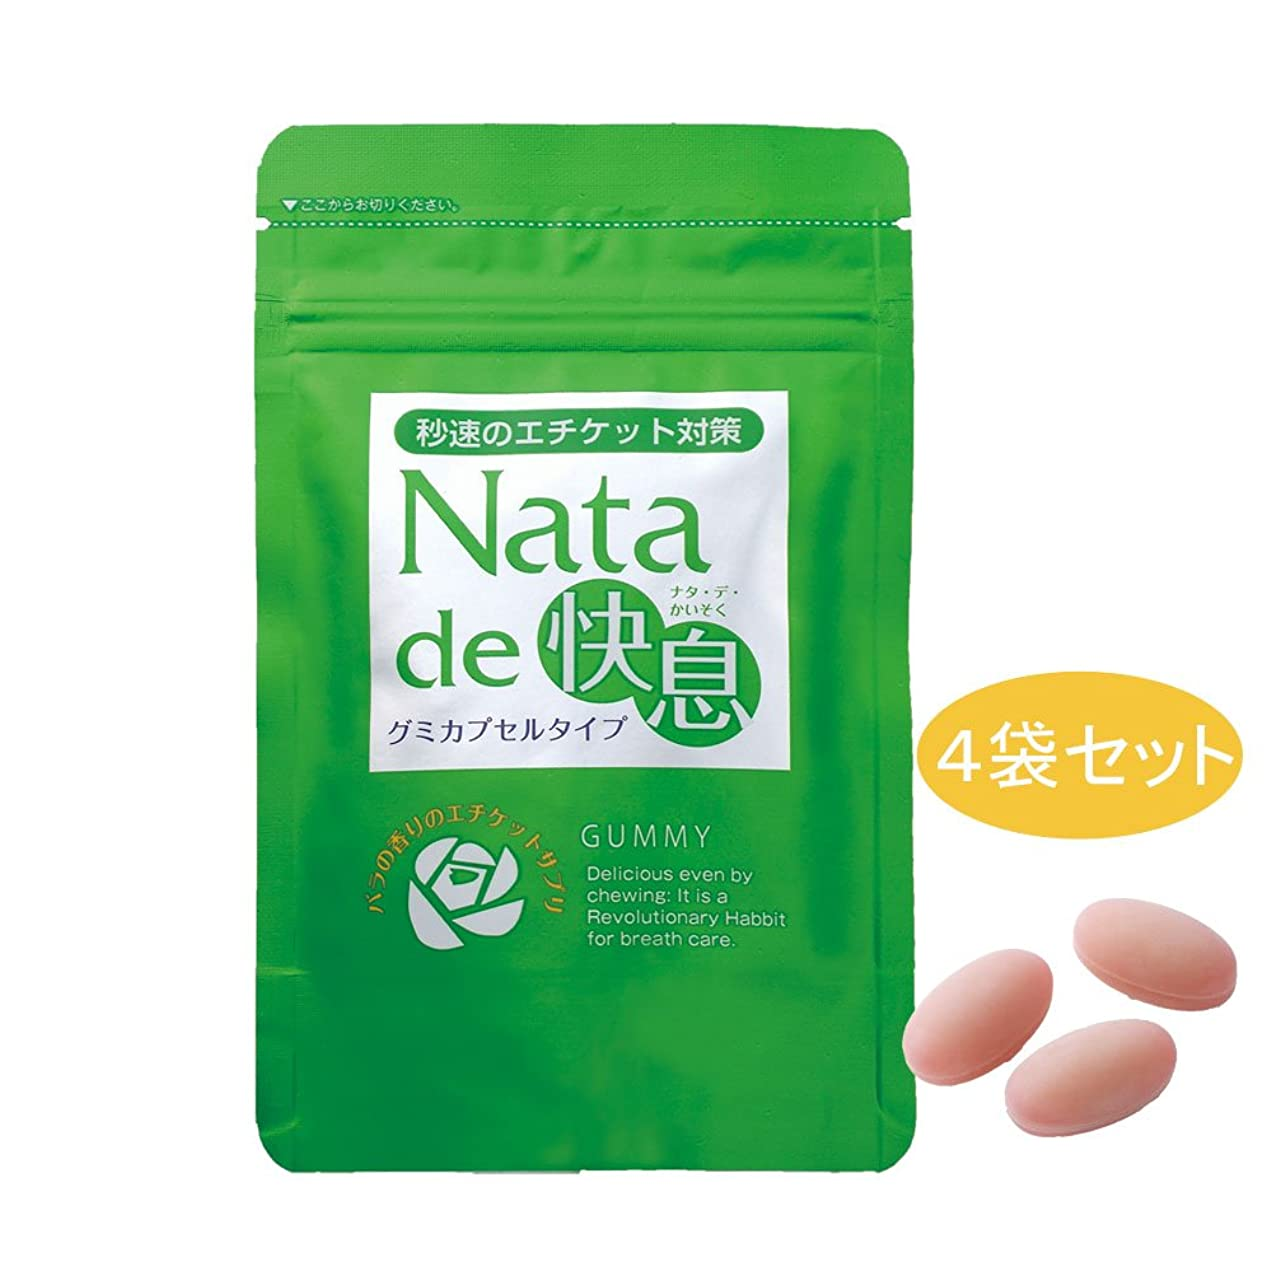 栄光の歩行者スケジュールナタデ快息 バラの香り 4袋